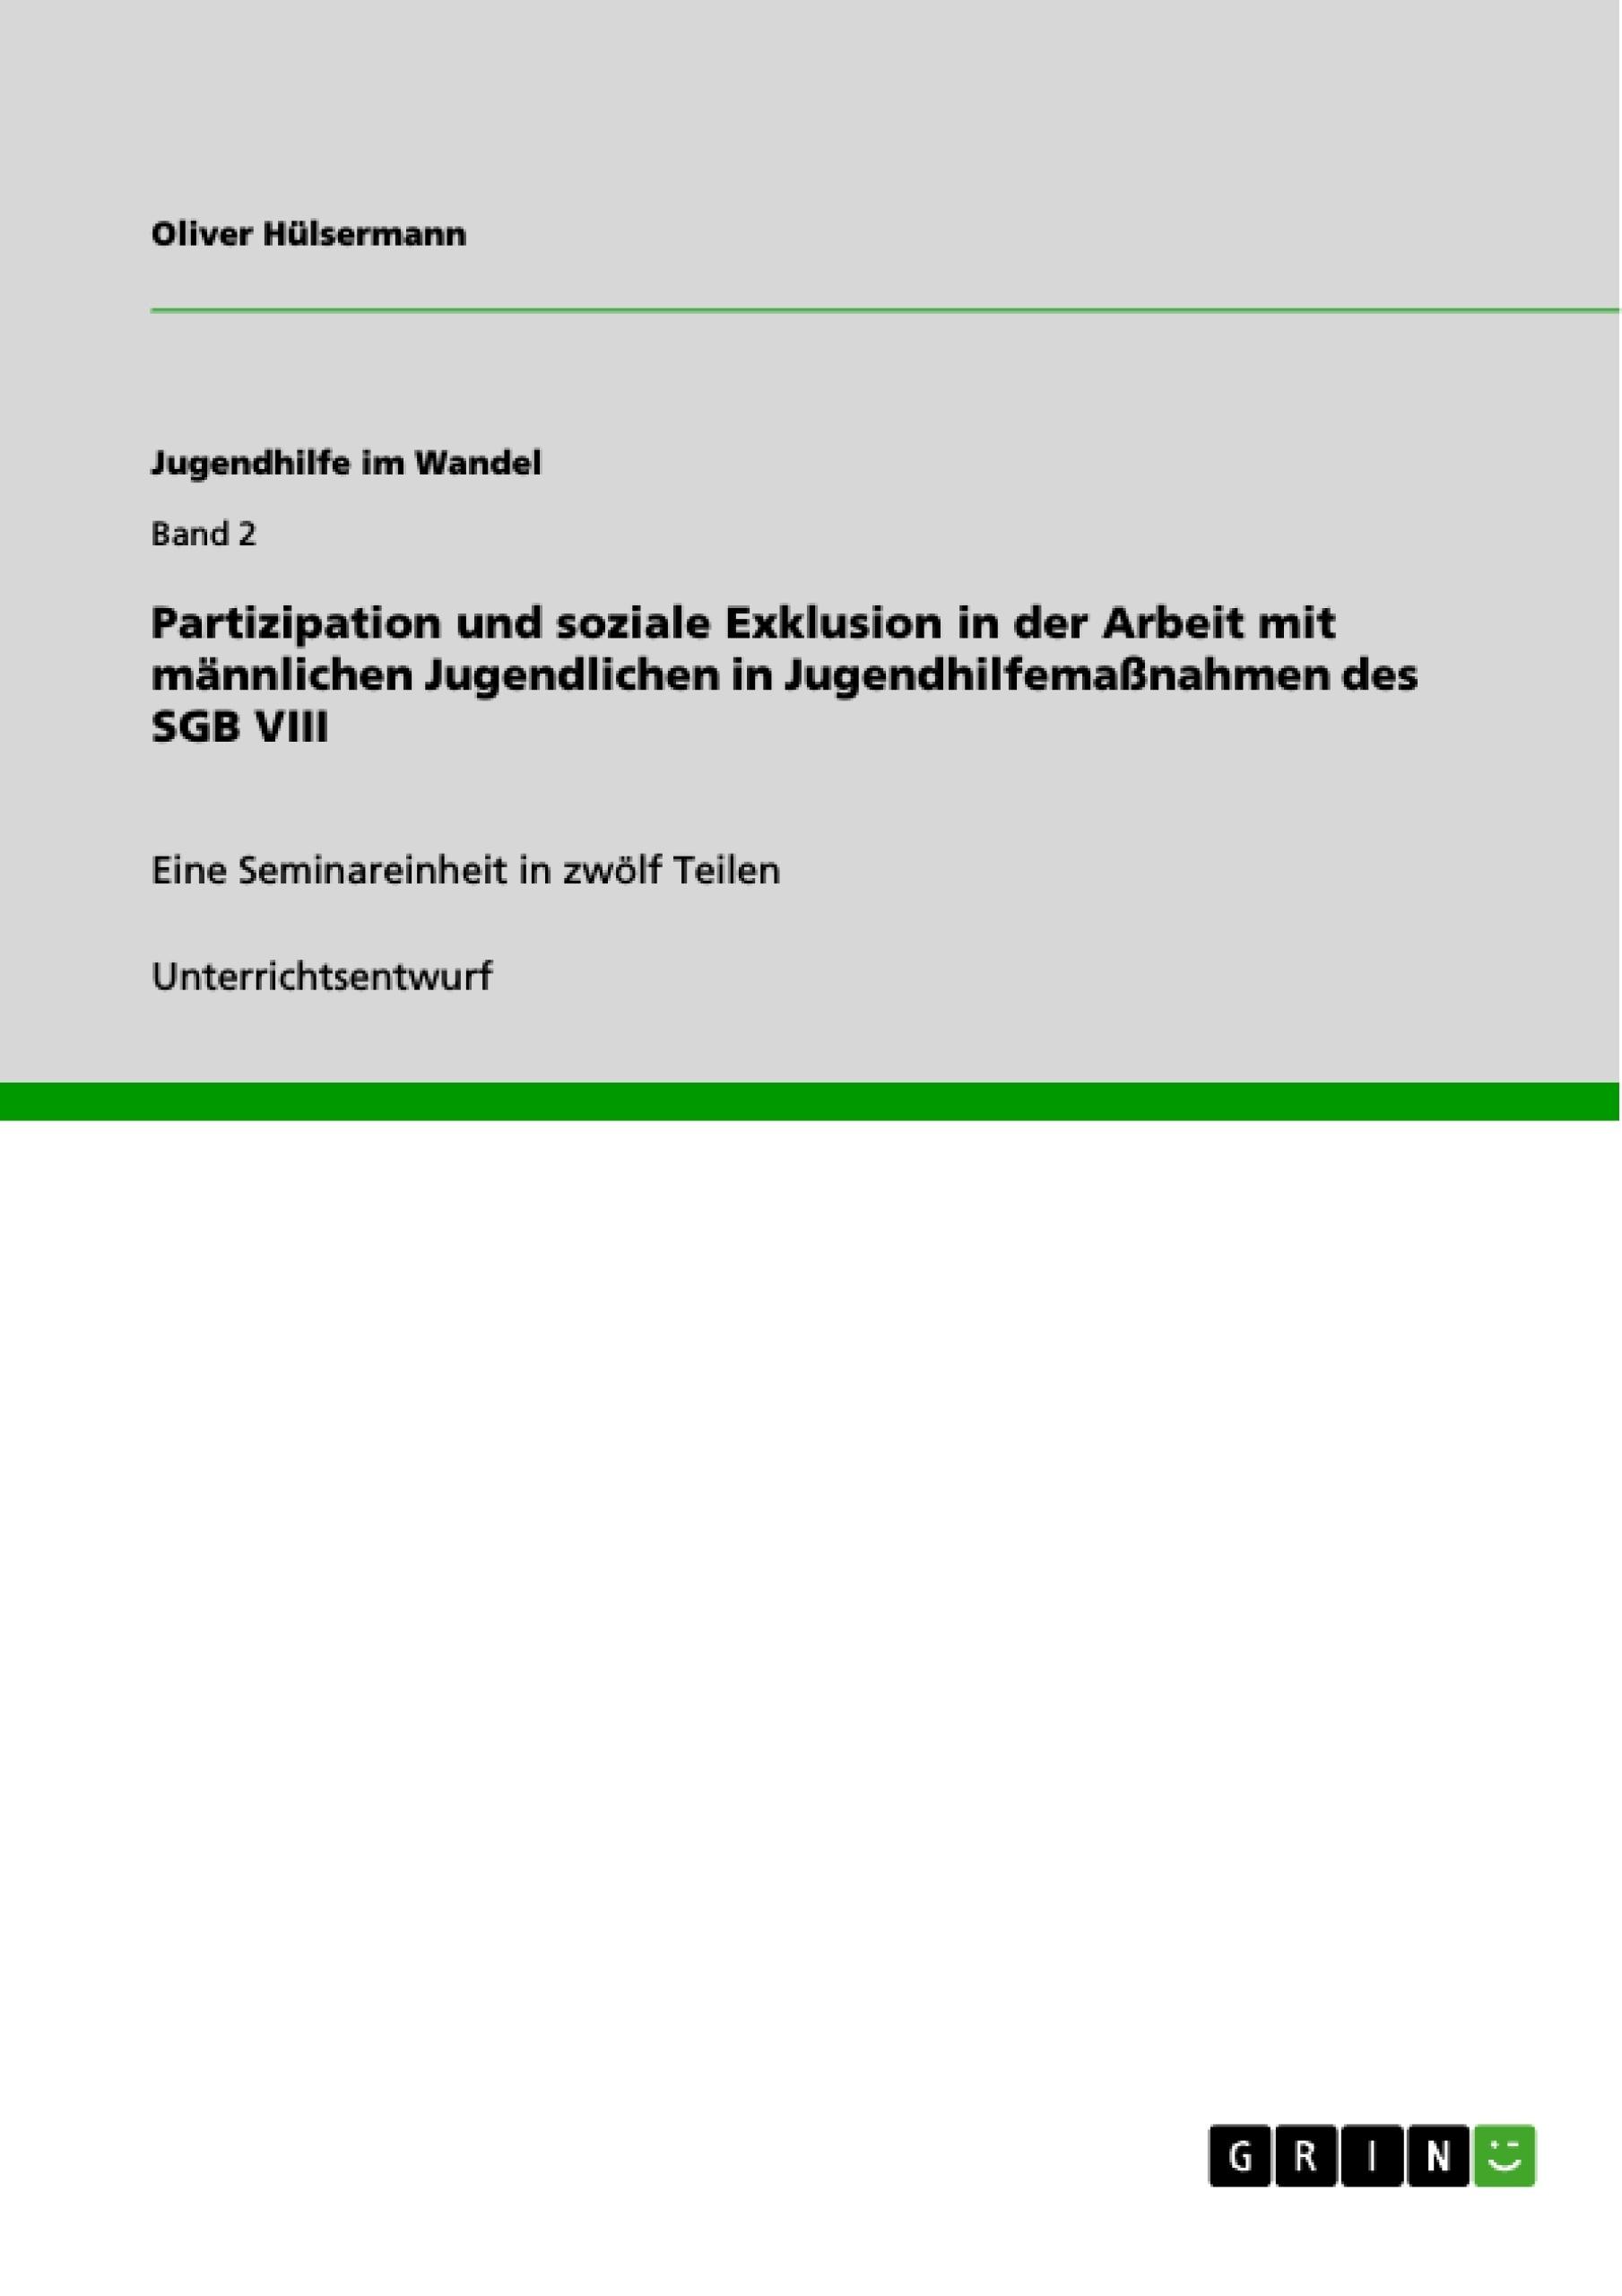 Titel: Partizipation und soziale Exklusion in der Arbeit mit männlichen Jugendlichen in Jugendhilfemaßnahmen des SGB VIII